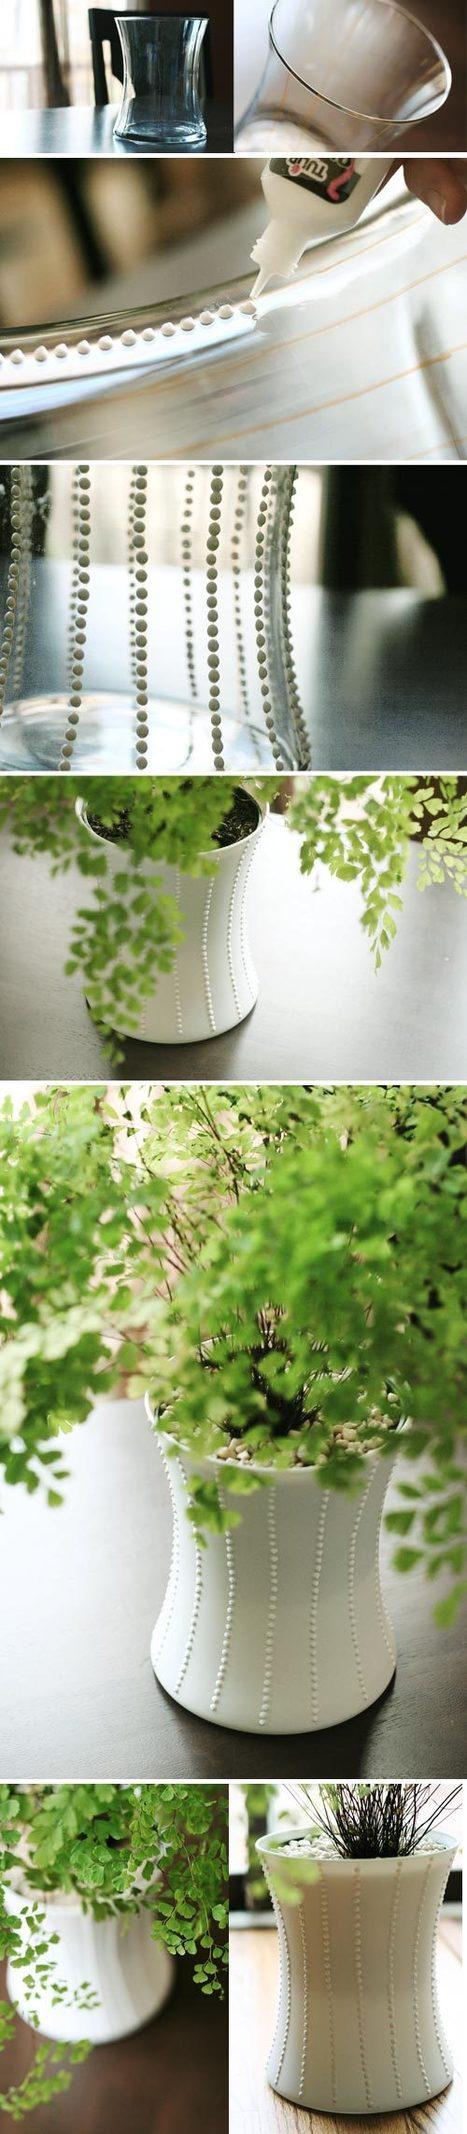 [Tutoriel] Comment personnaliser un vase tout simple | Déco fait maison, récup, upcycling, jardinage | Scoop.it